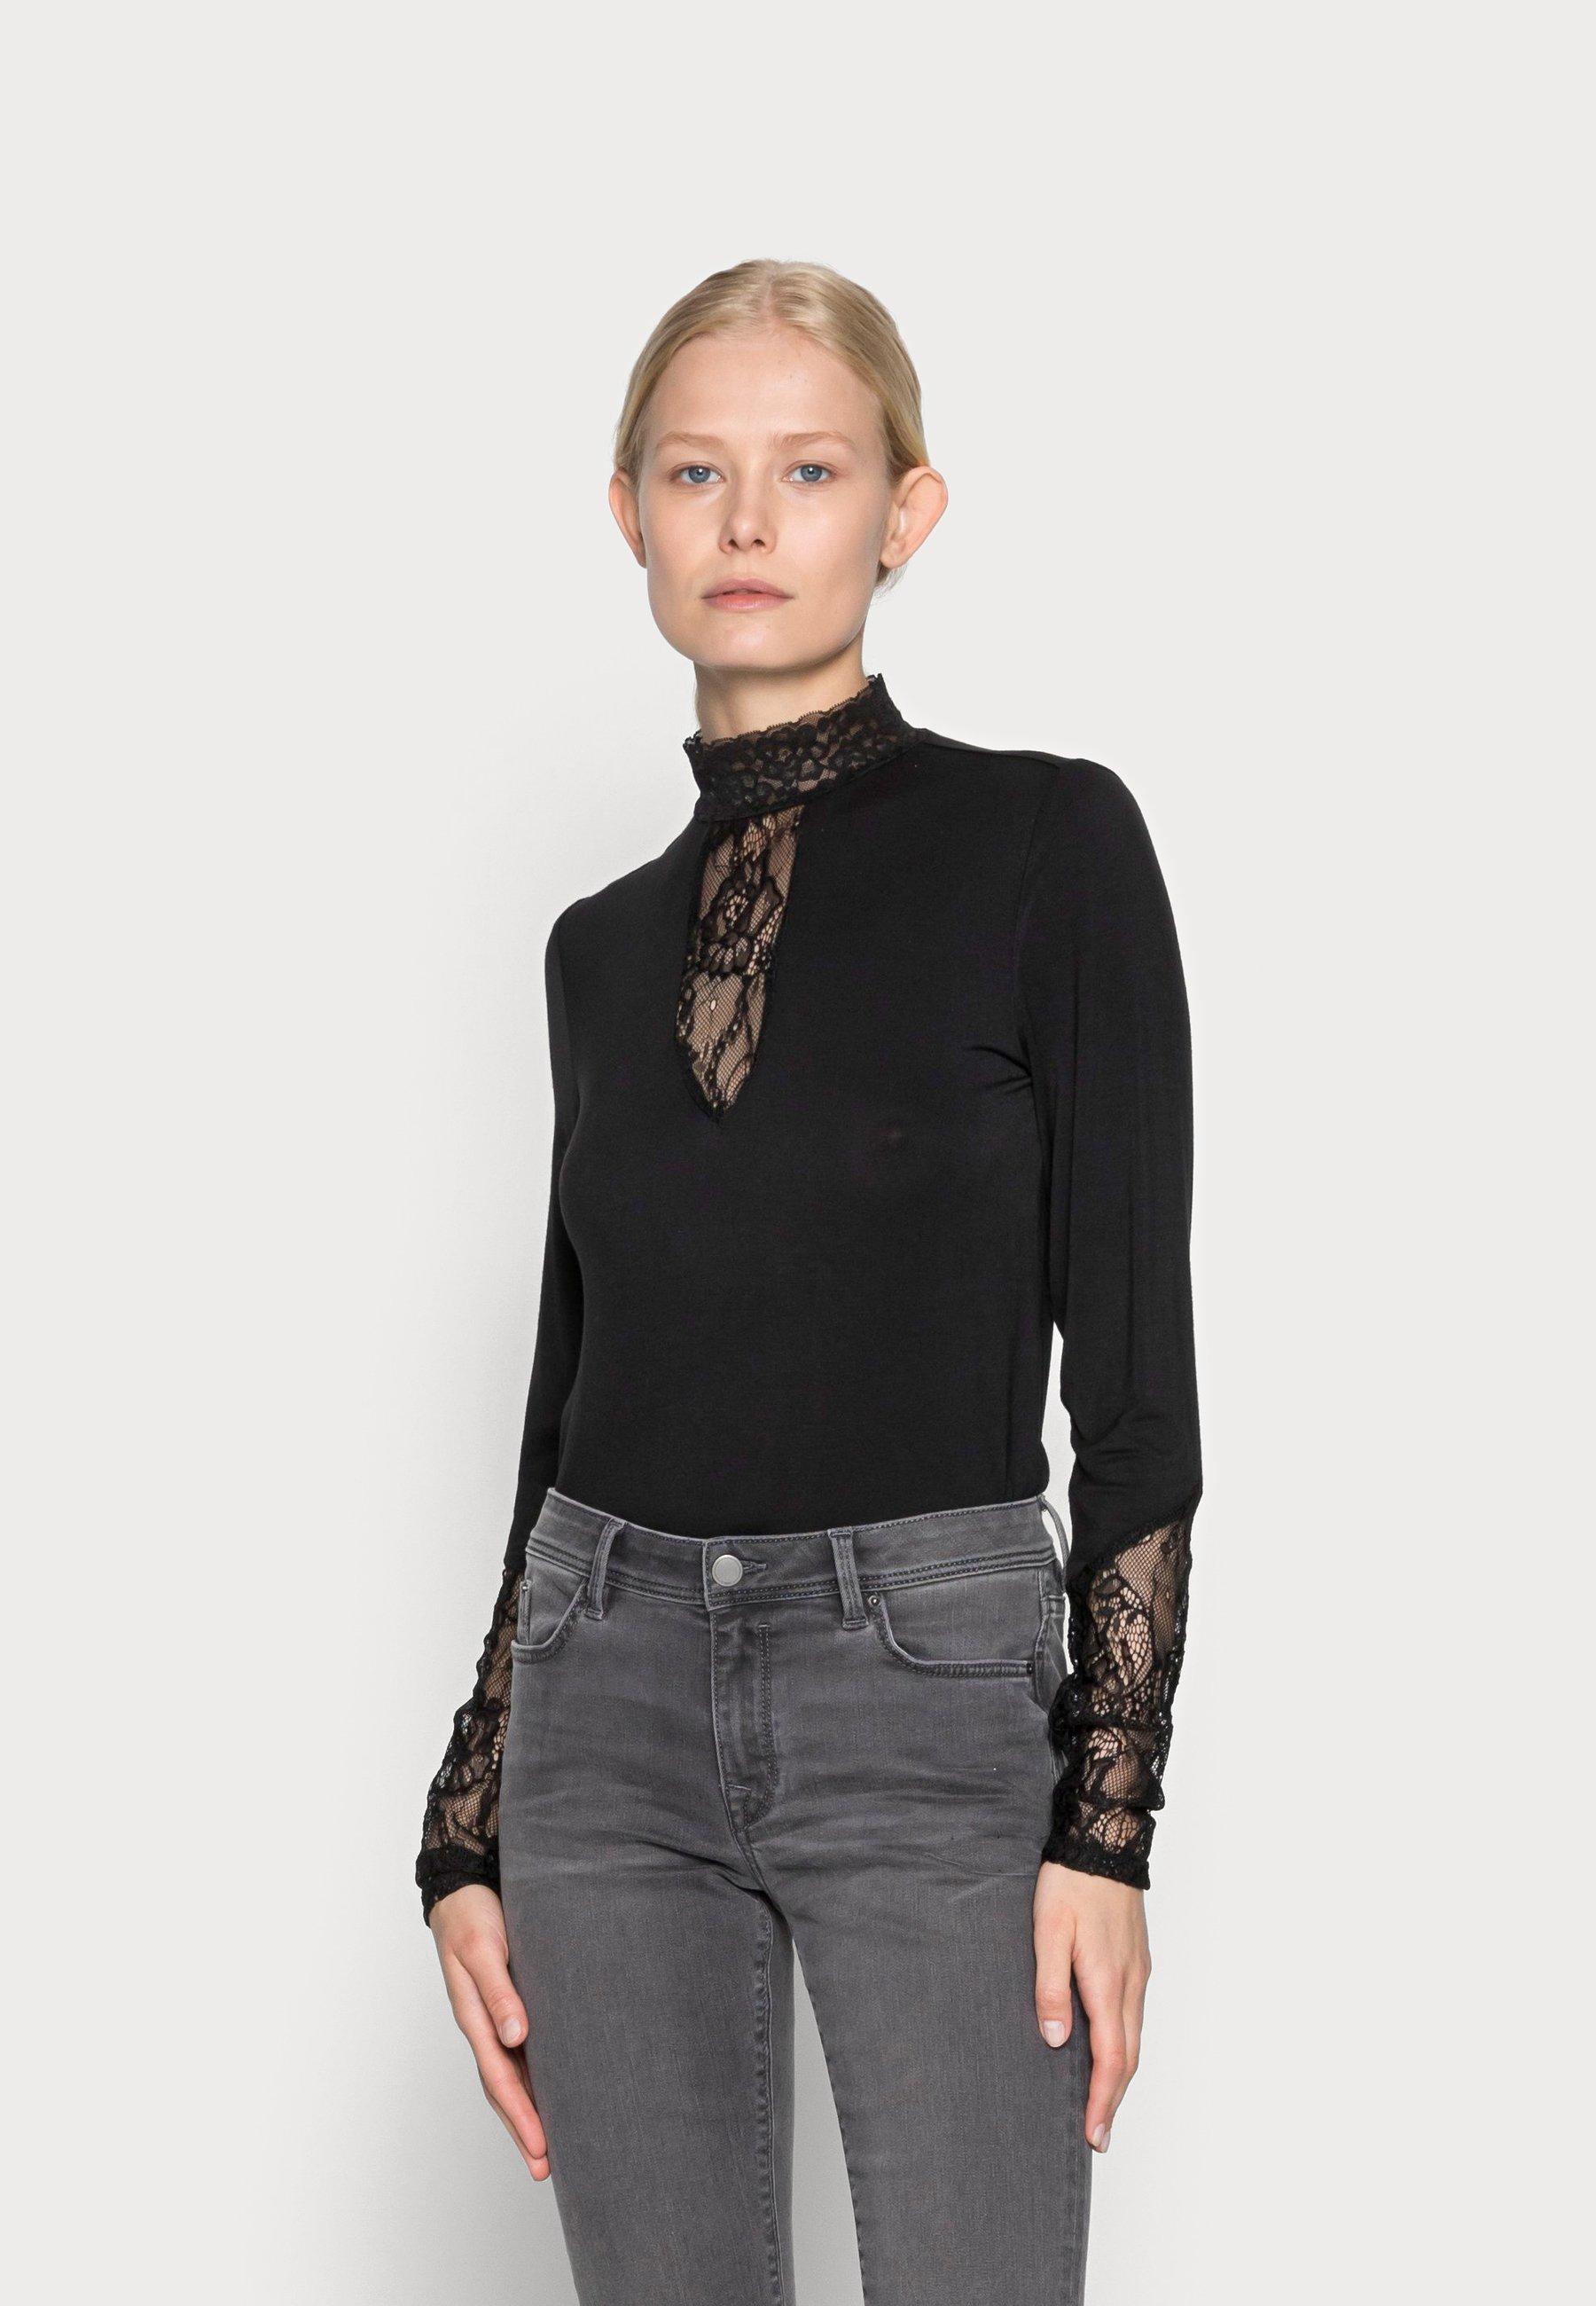 Femme BLOUSE - T-shirt à manches longues